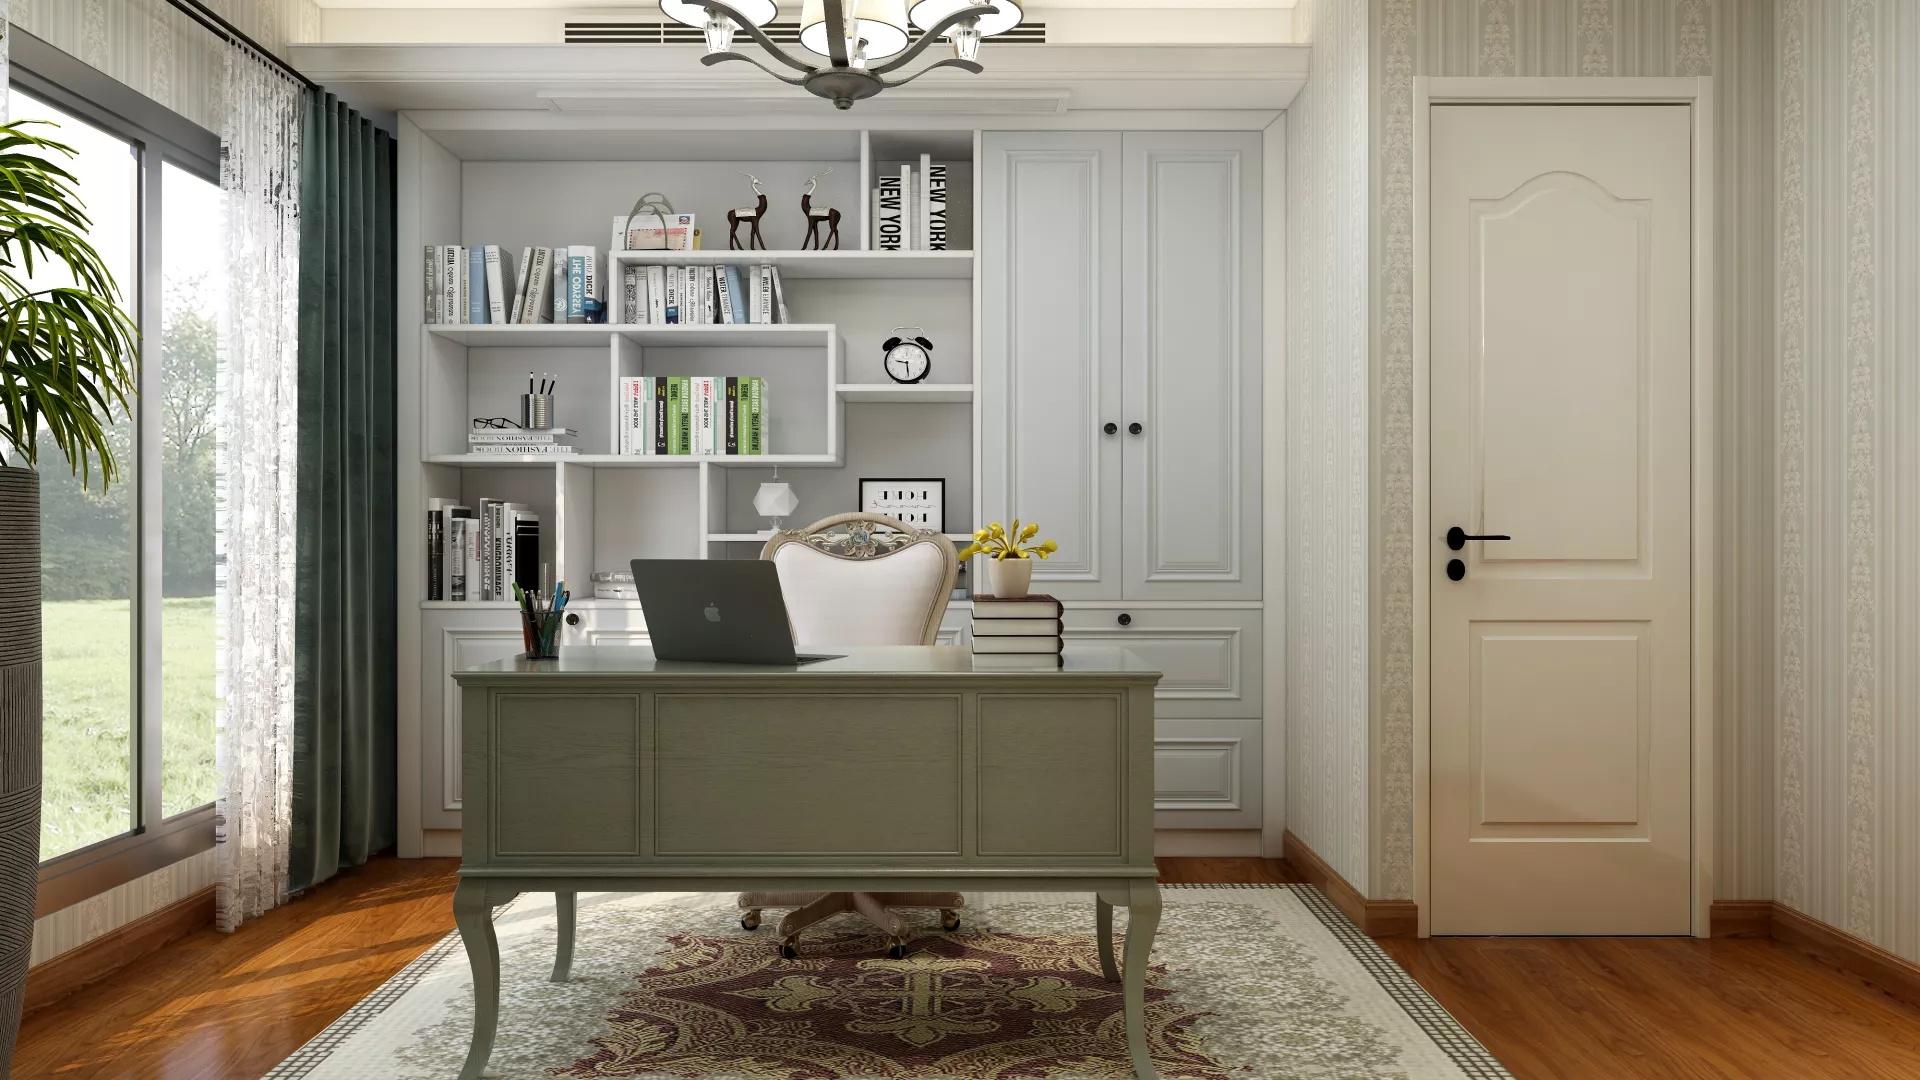 简约白色风格厨房装修效果图